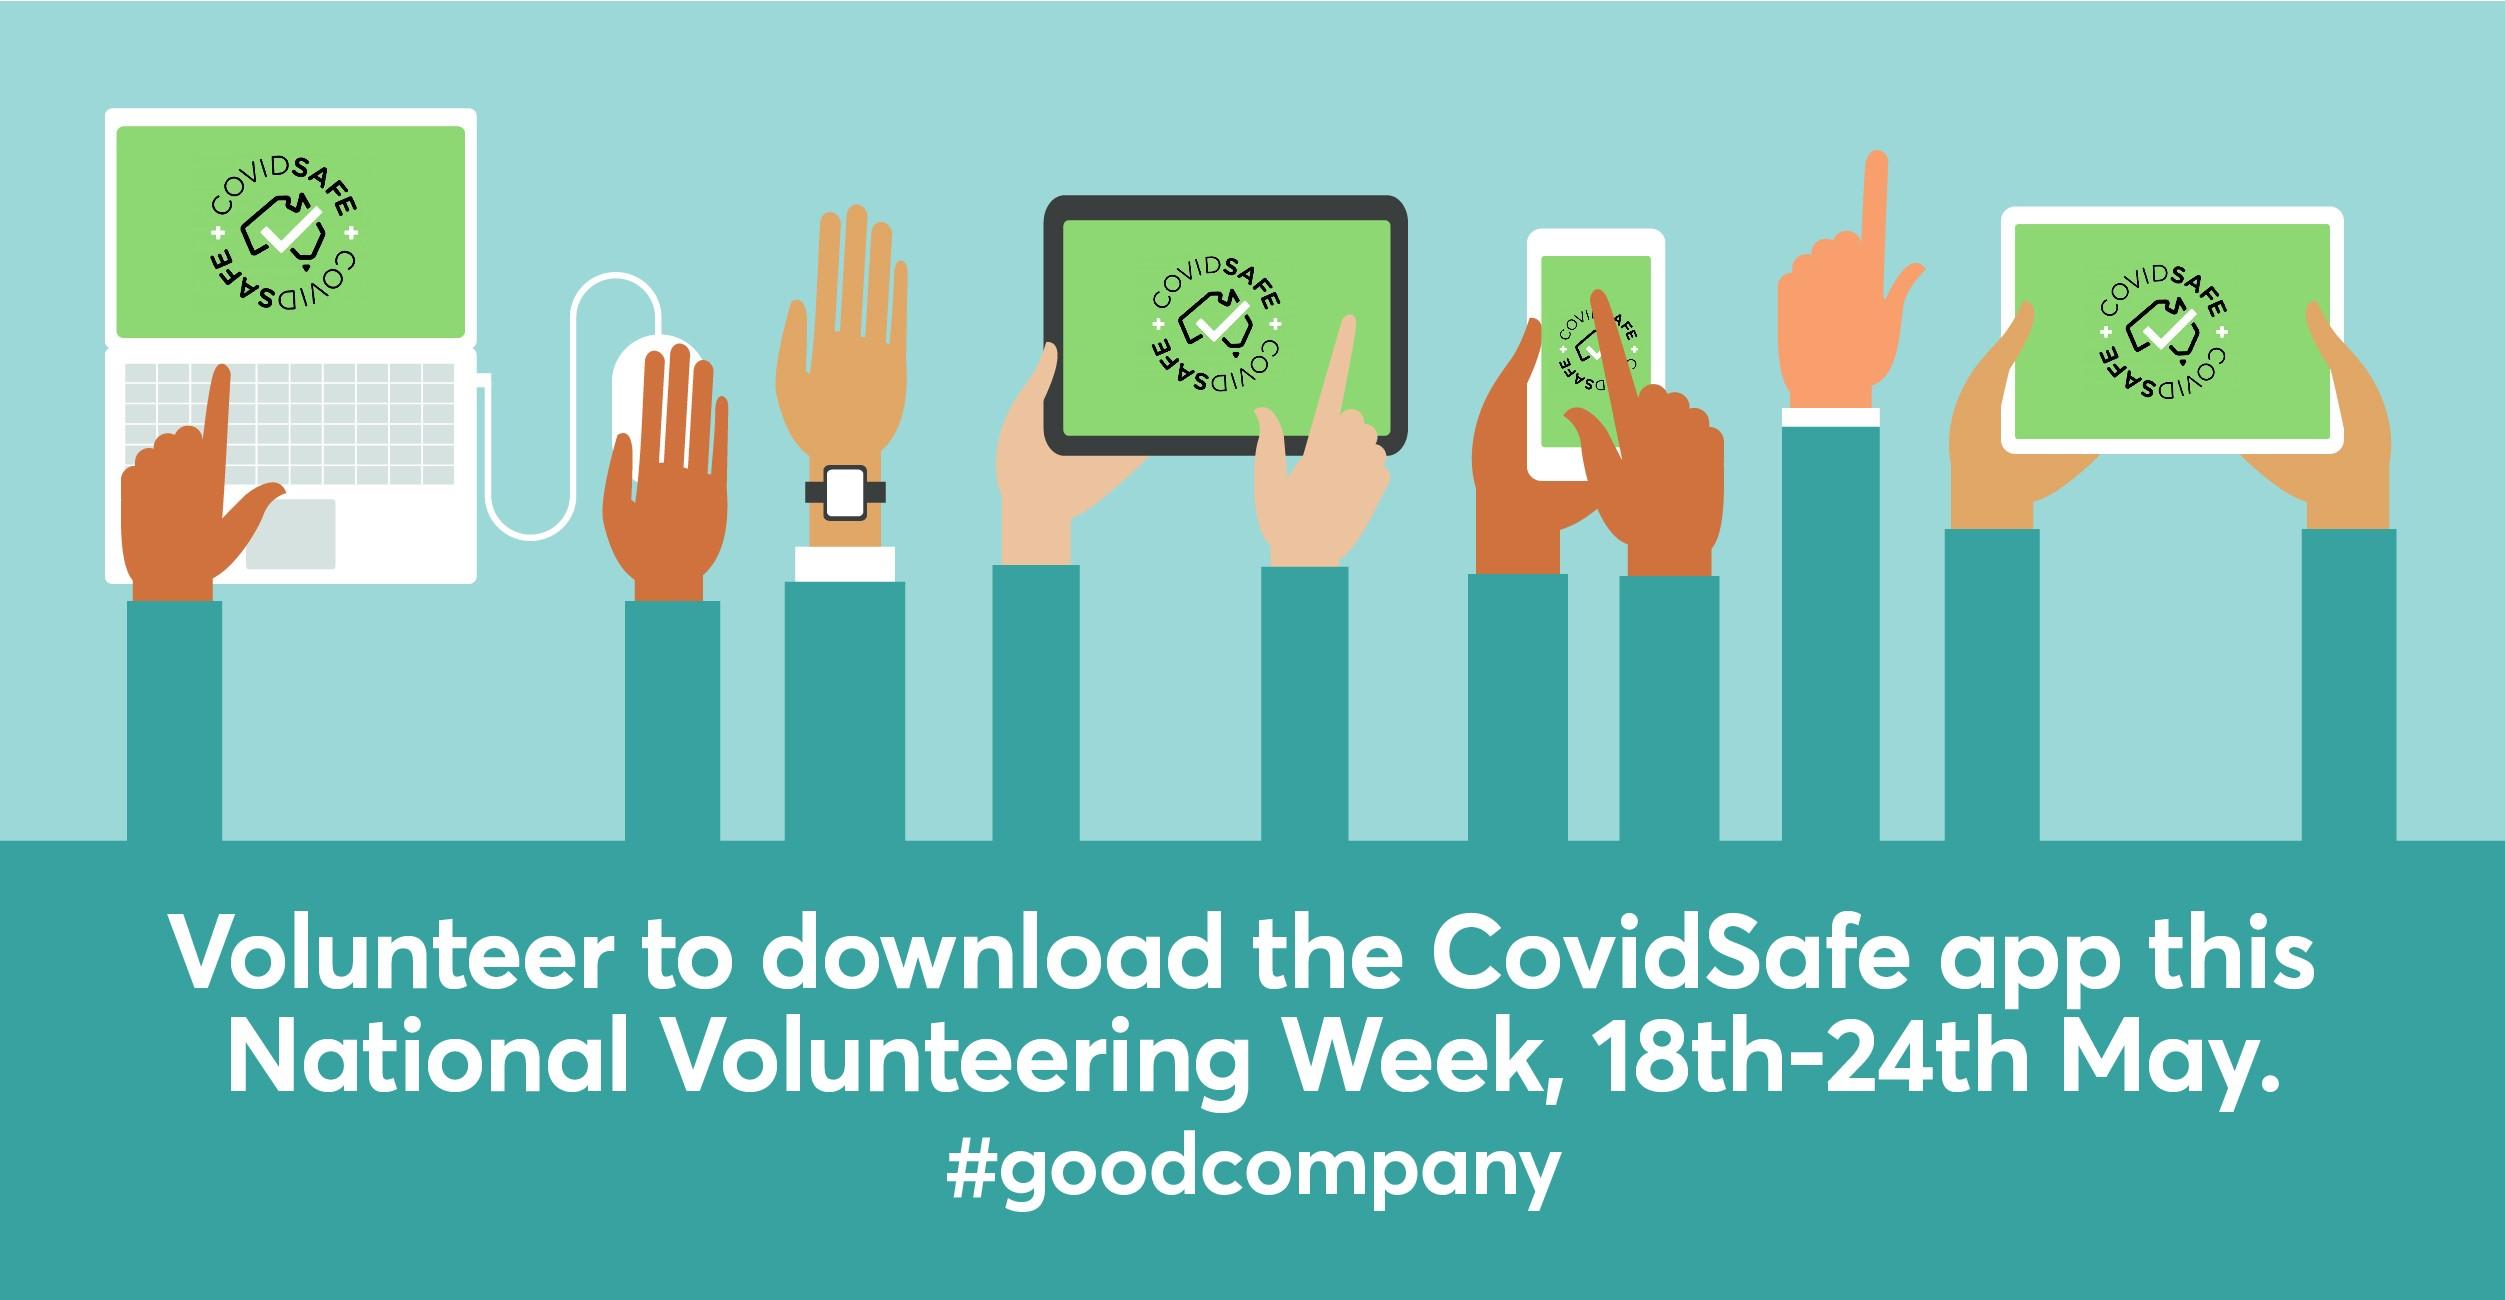 Volunteer to download the COVIDSafe App this National Volunteering Week